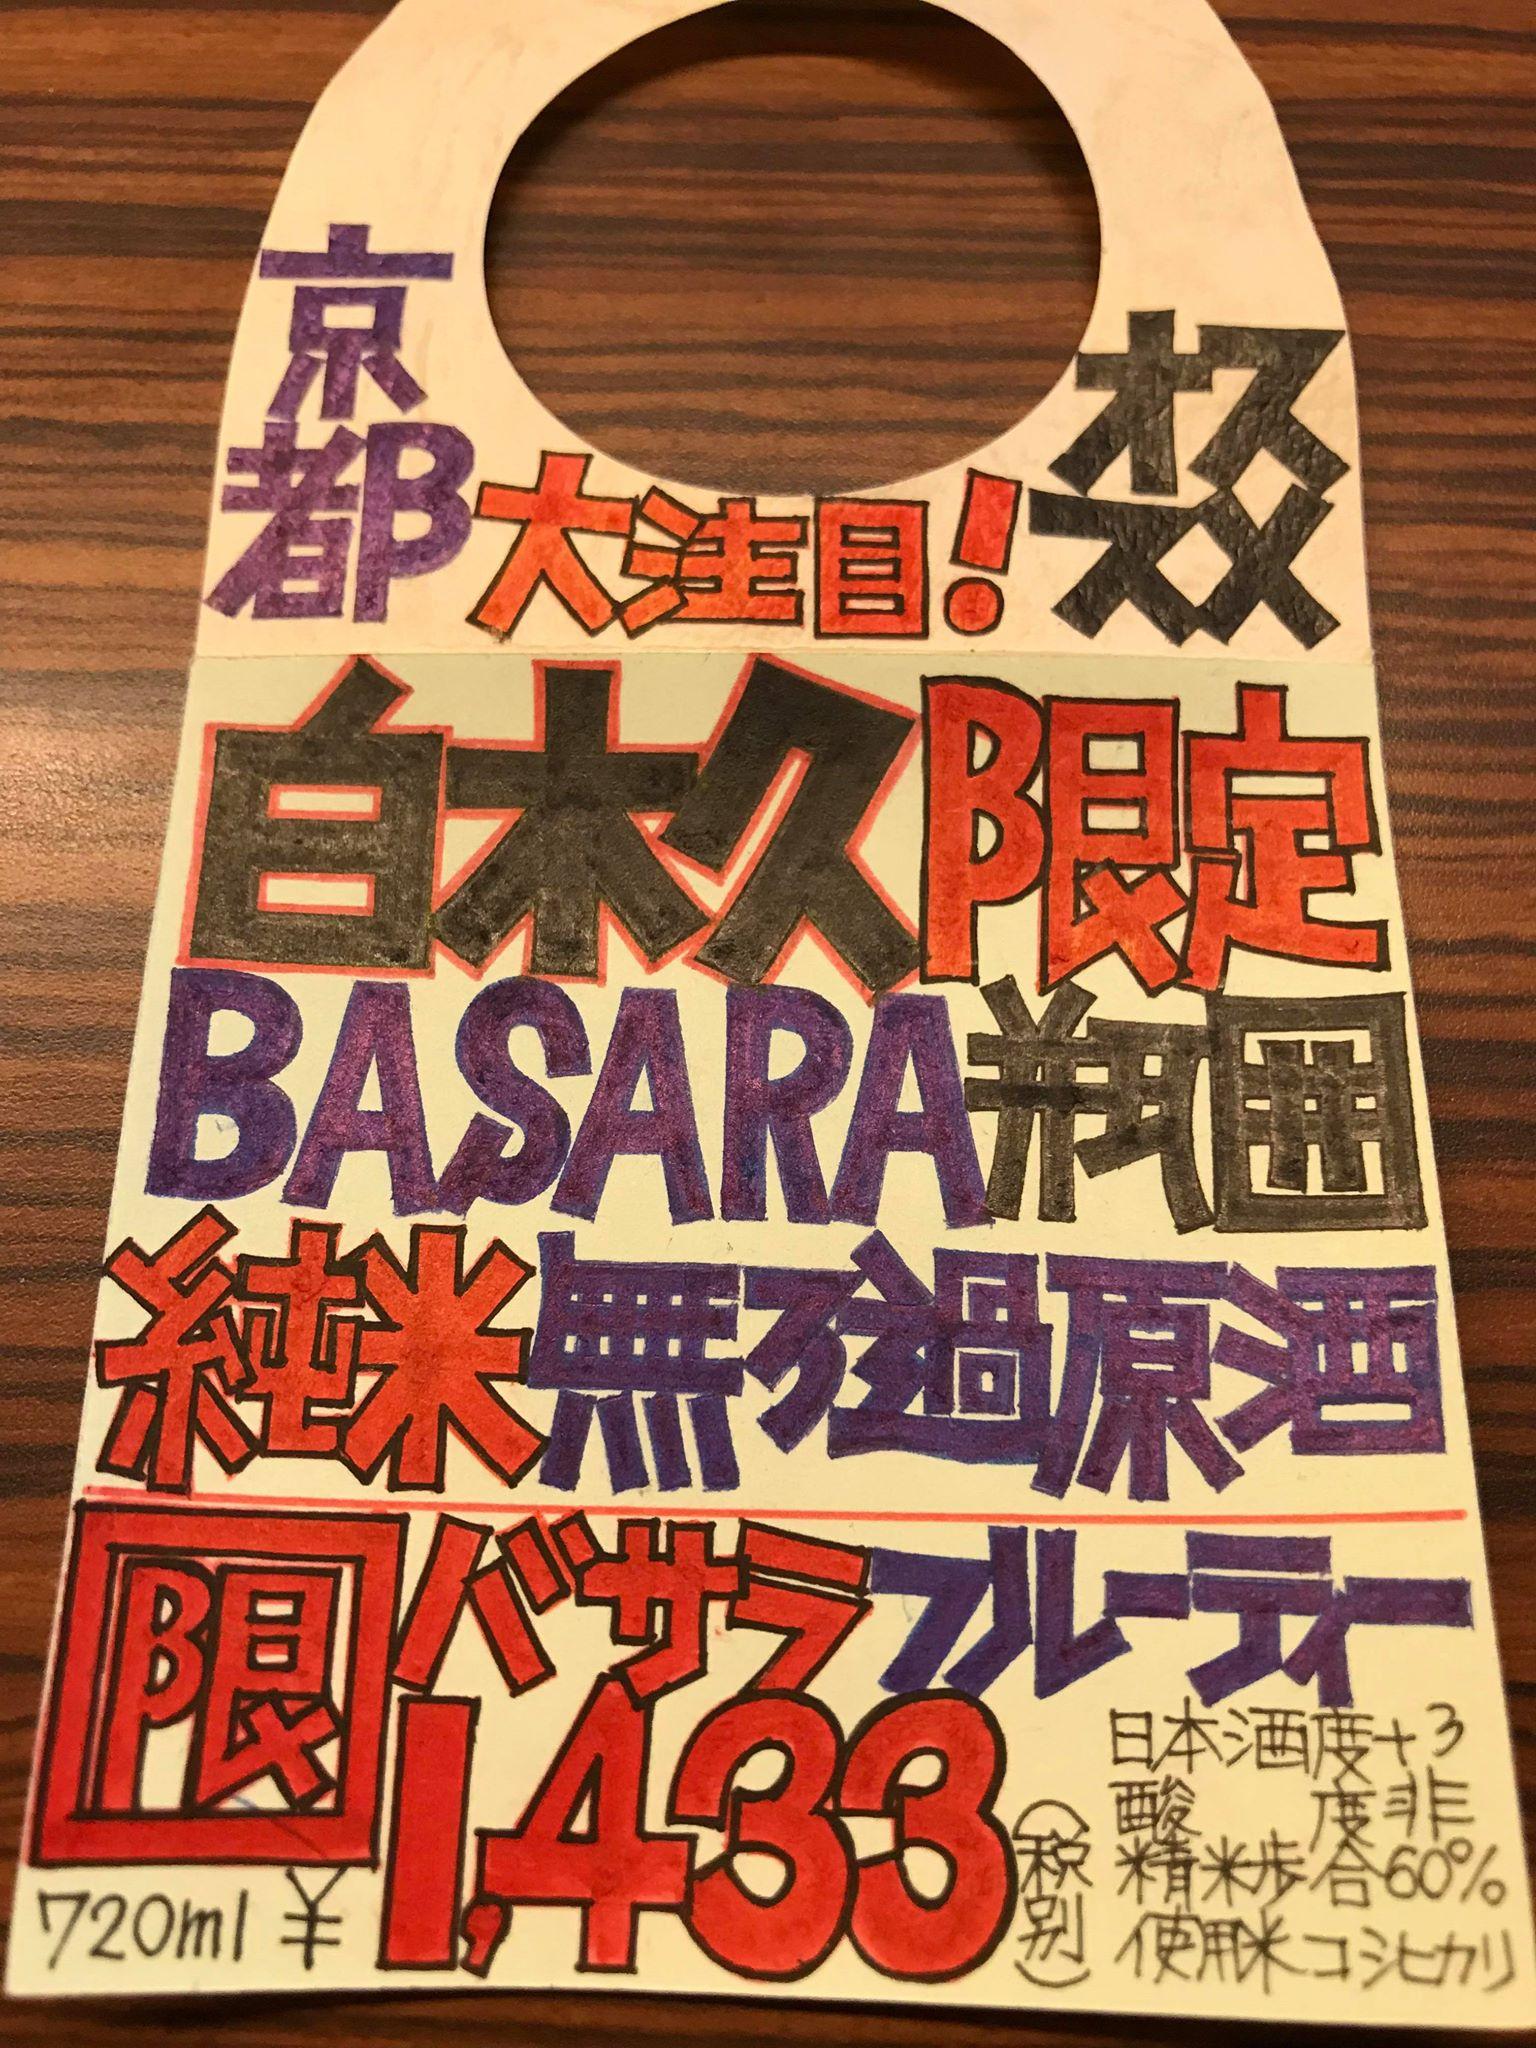 【日本酒】白木久 BASARA 瓶囲い 純米生詰原酒 限定 29BY_e0173738_18373889.jpg